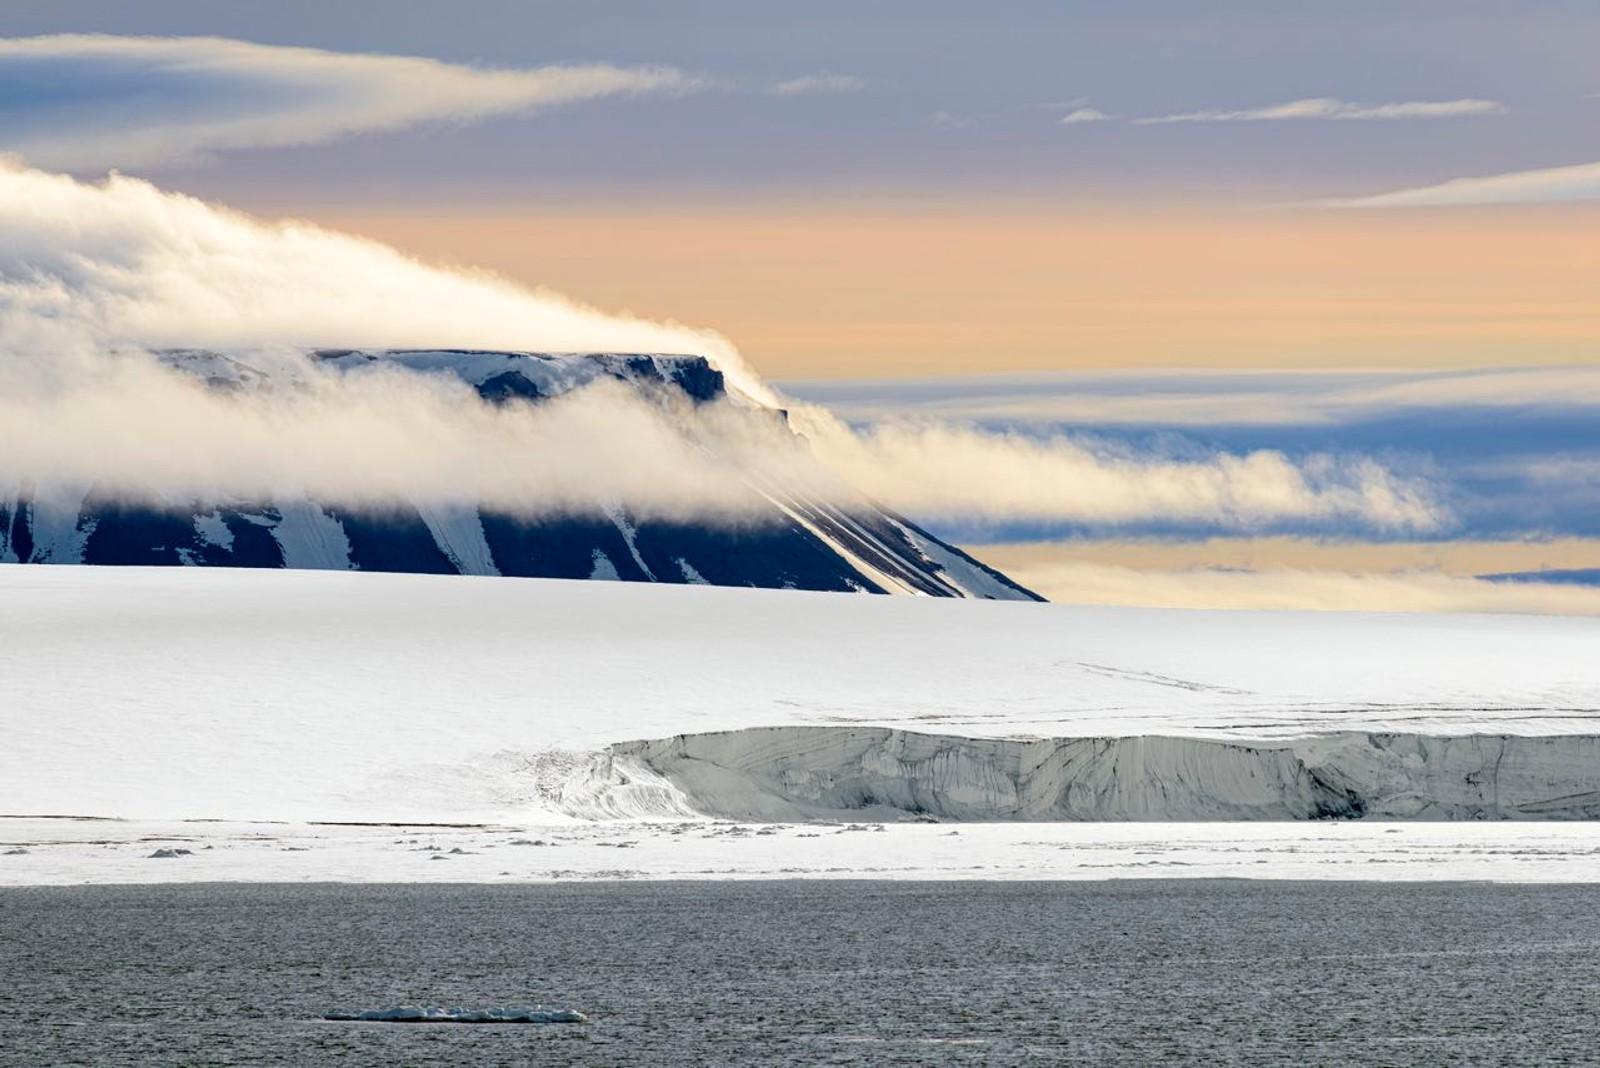 870 KM TIL NORDPOLEN: Øyriket Franz Josef Land er det landområdet i verden som ligger nærmest Nordpolen på den østlige halvkulen.